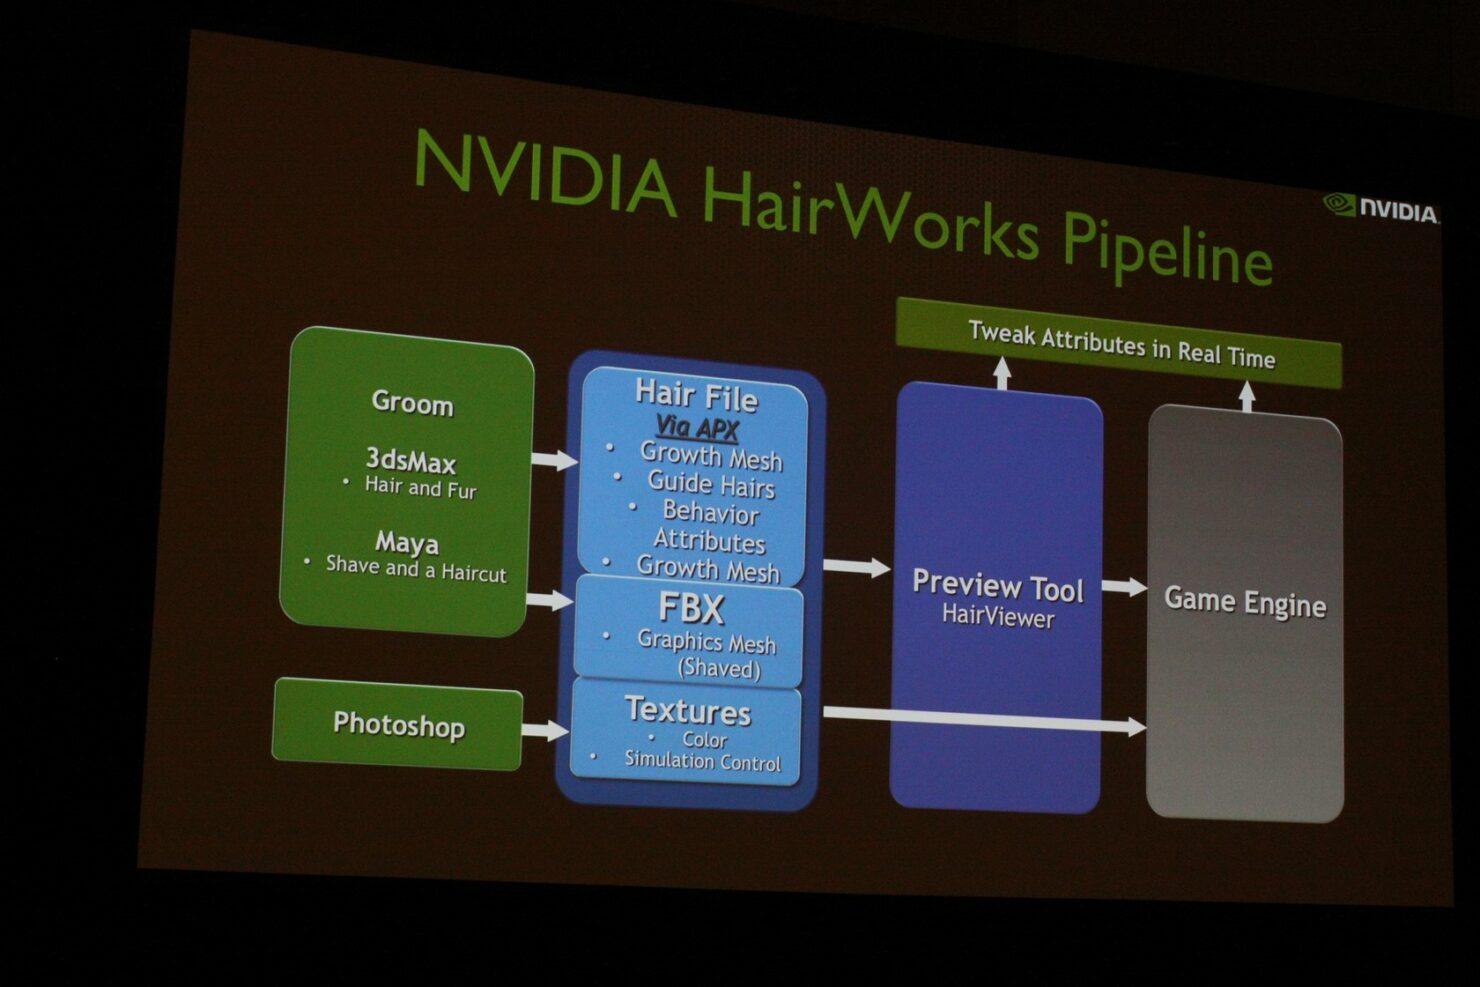 nvidia-hairworks